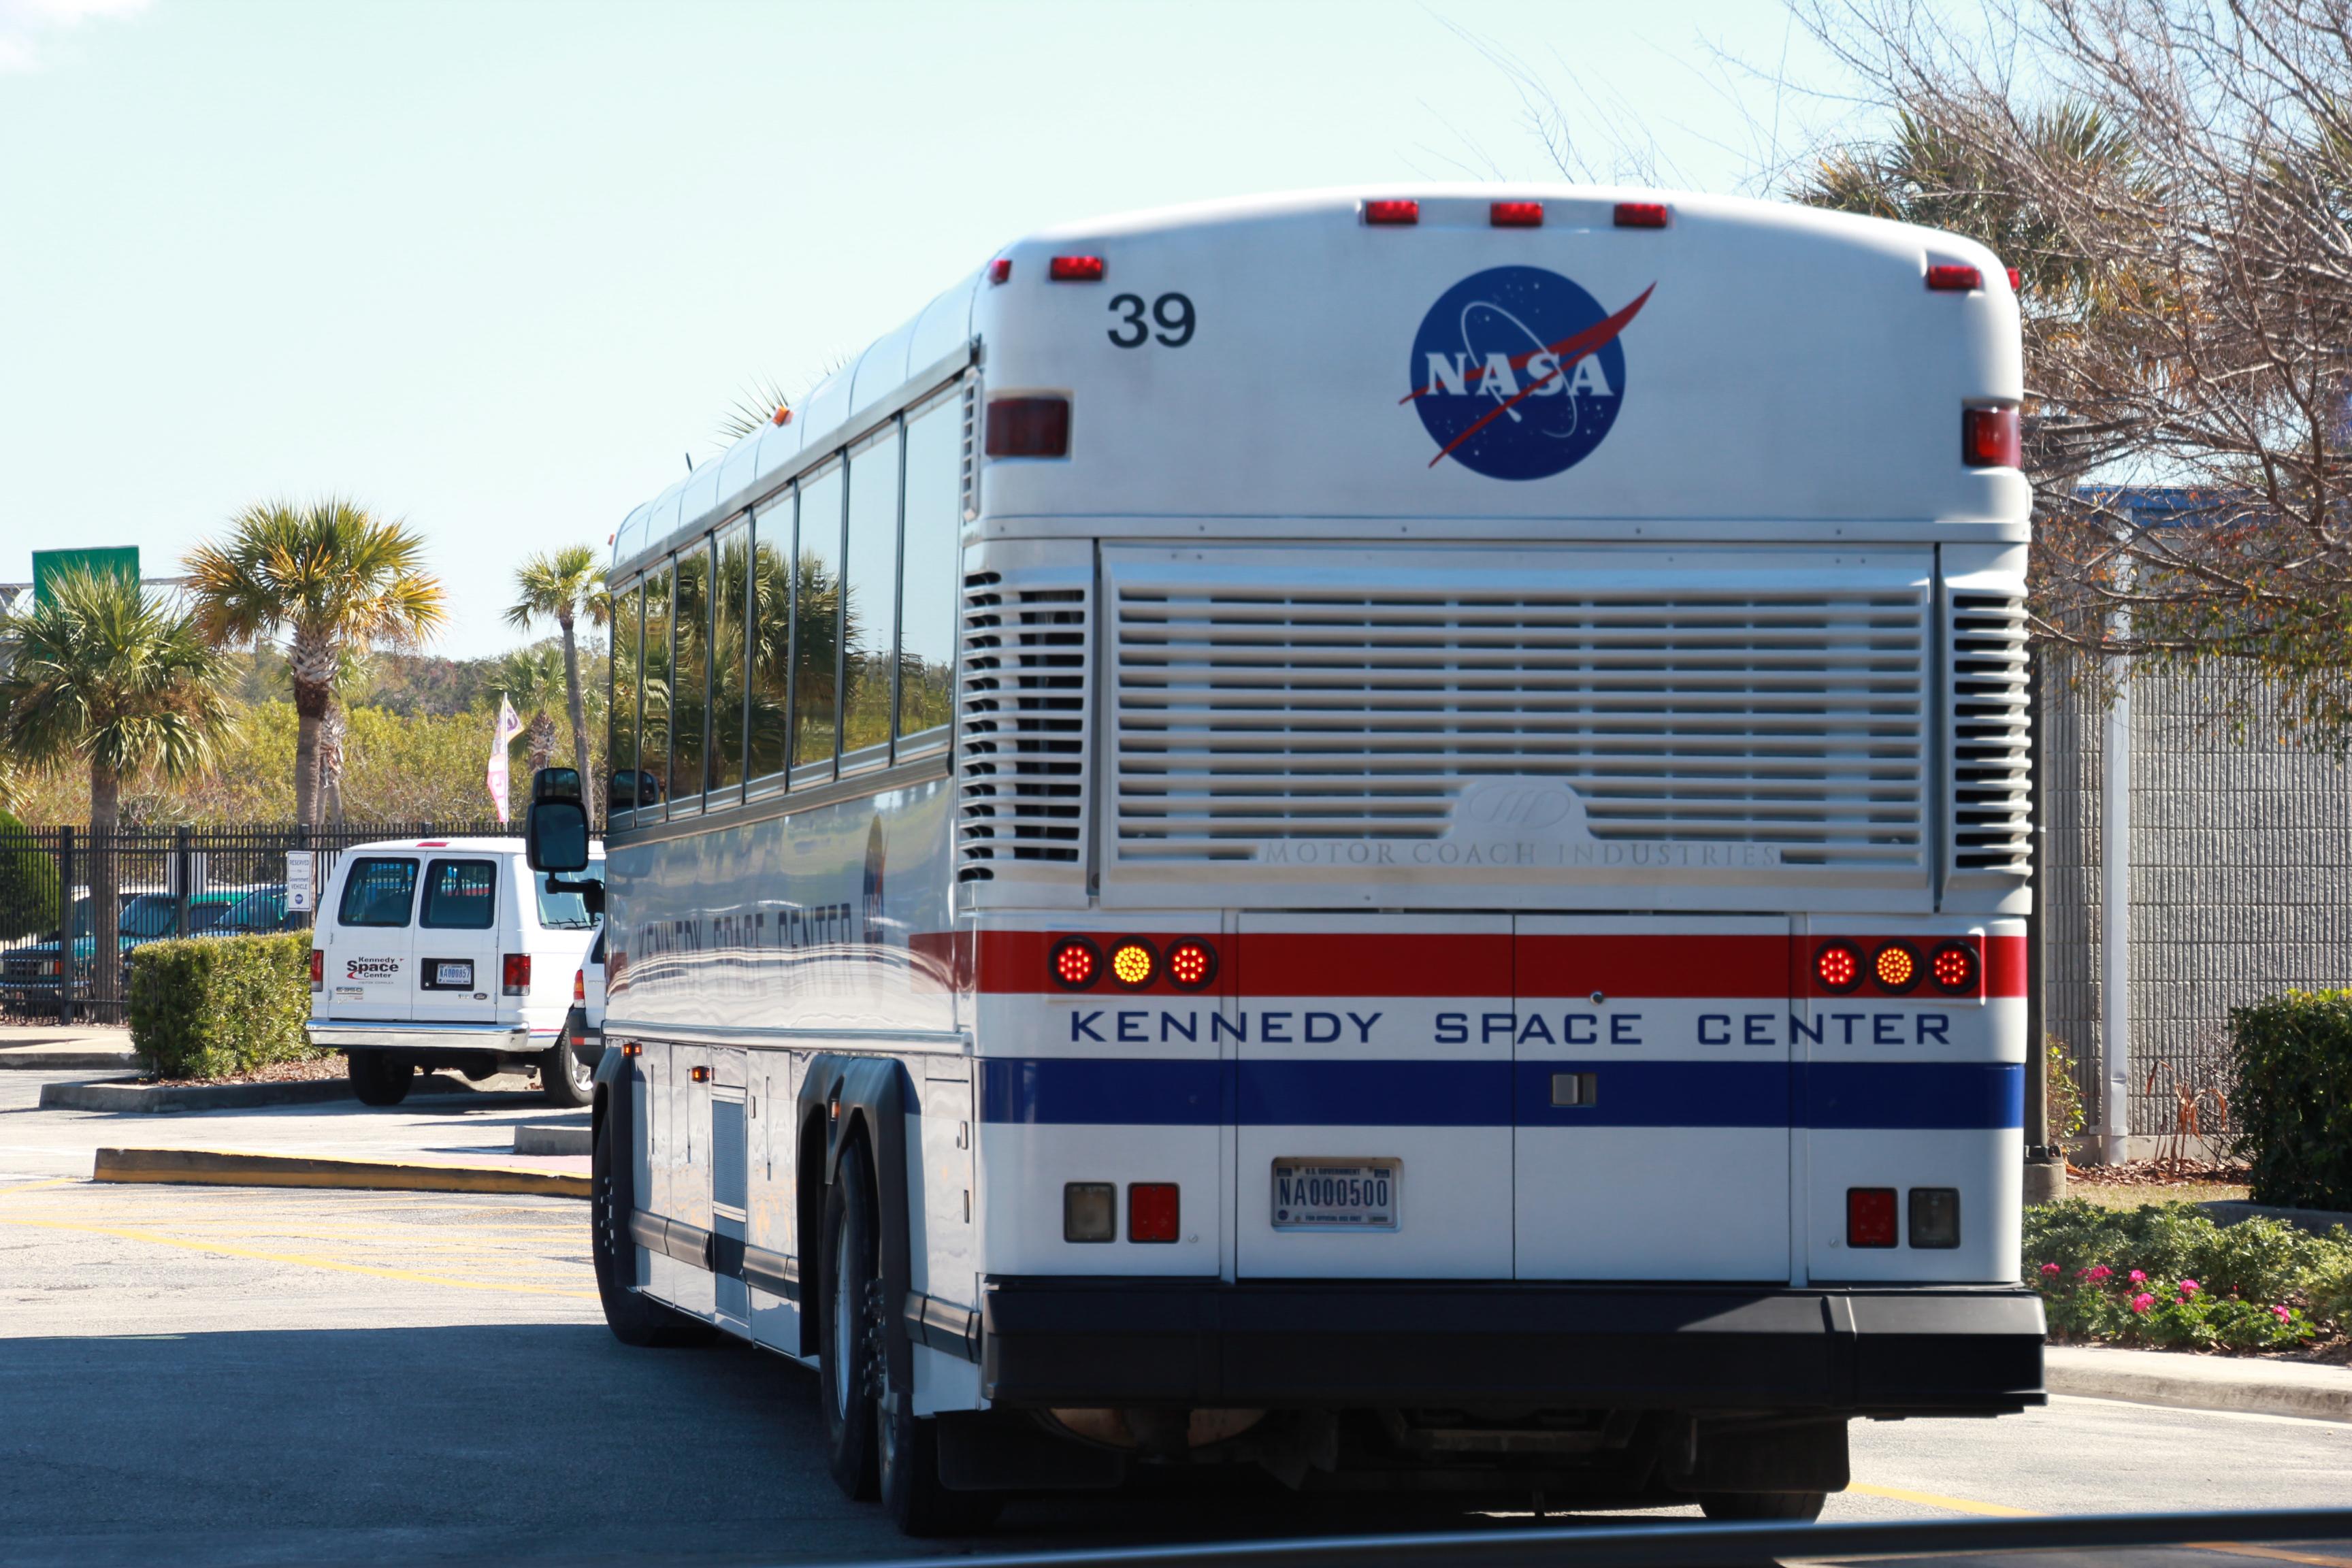 Seria este o ônibus espacial?